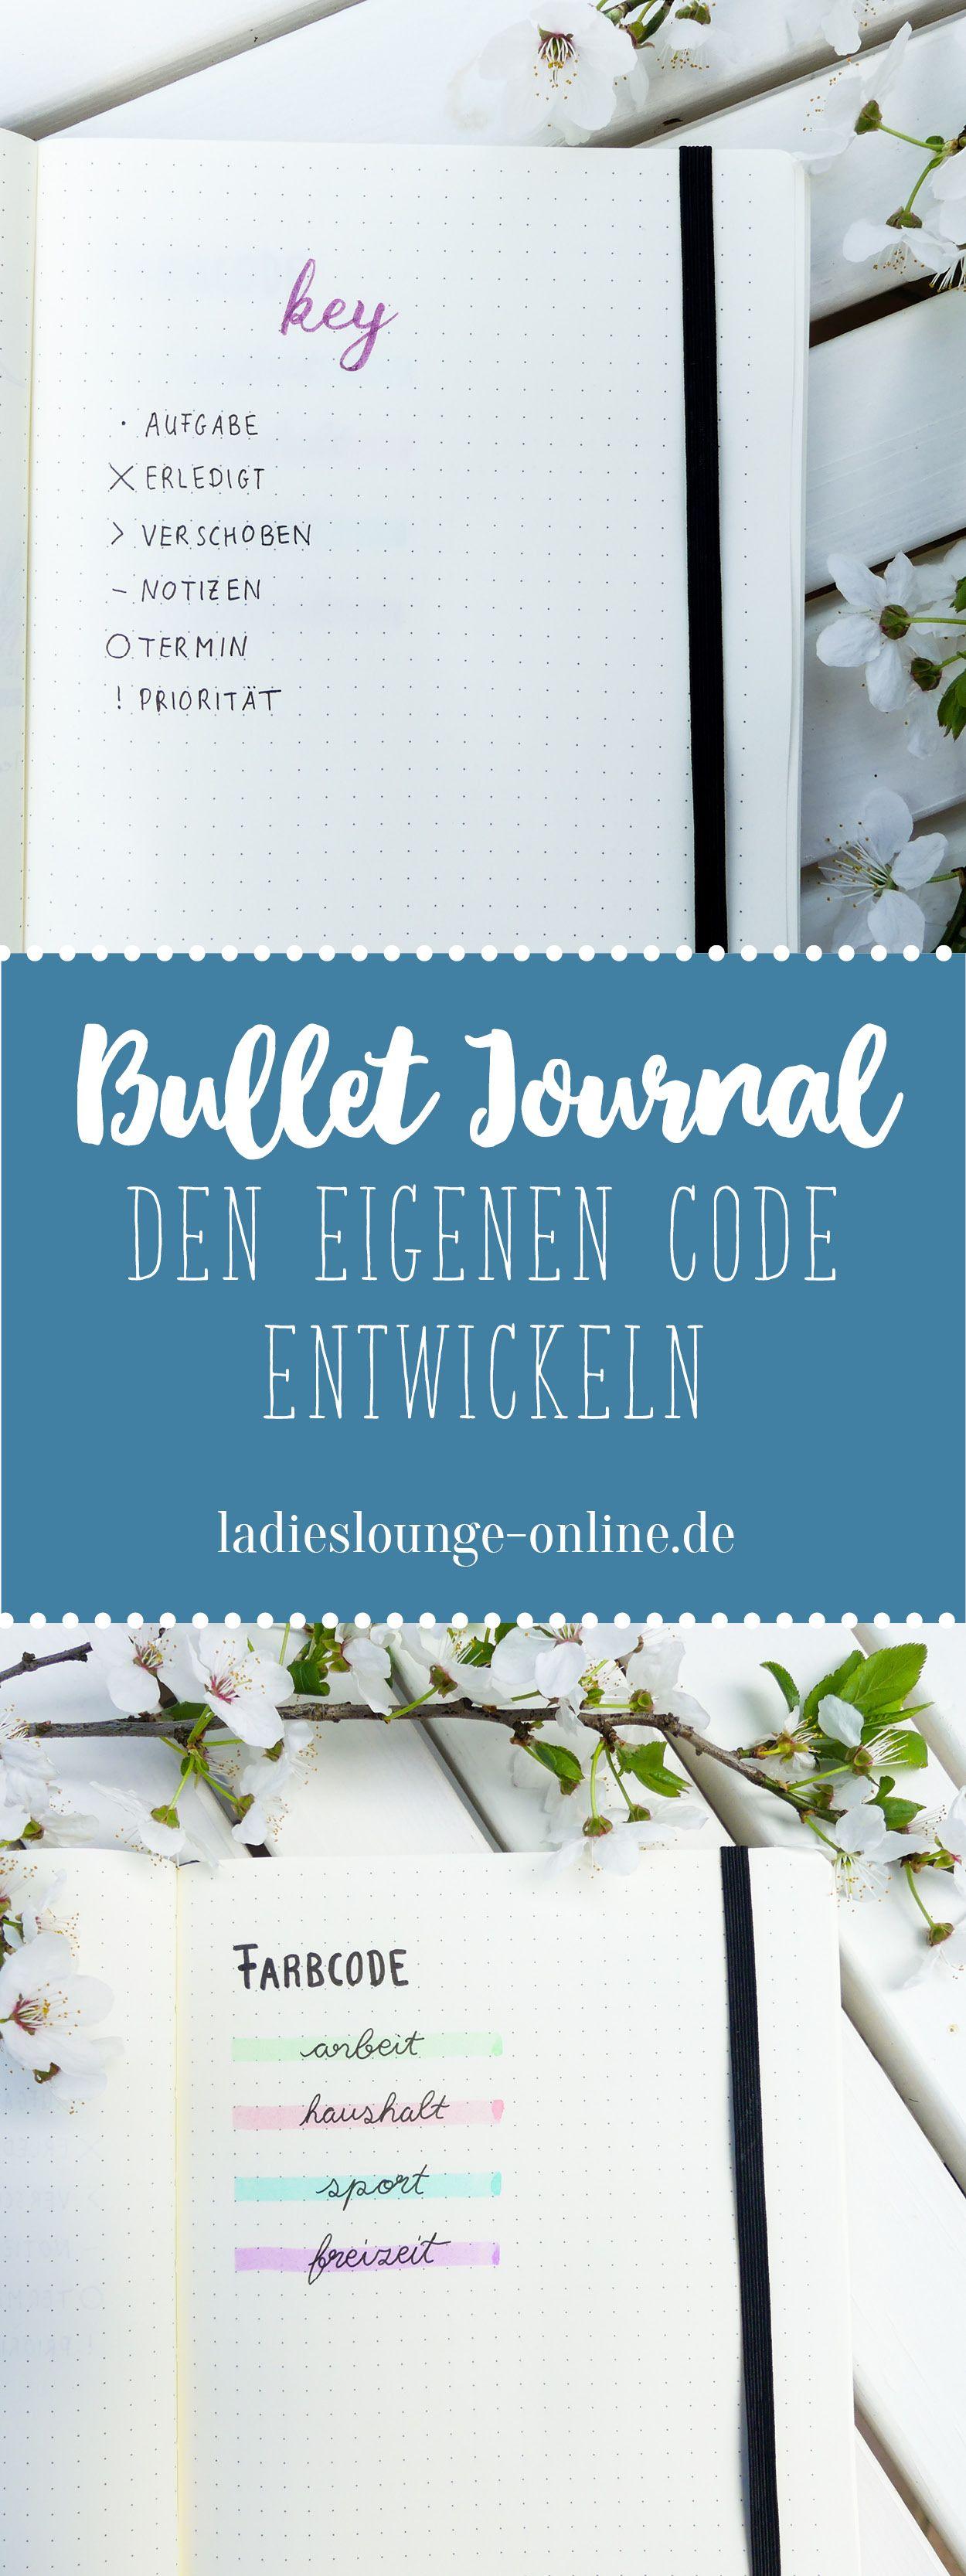 BULLET JOURNAL IDEEN DEUTSCH Der Key. Hier erfährst du, die du den Key im Bullet Journal richtig einsetzt, sodass du ihn auf deine Bedürfnisse anpasst, effektiver planen kannst und weniger Stress im Alltag hast. Finde Ideen und Inspiration für dein Bullet Journal bei Ladies Lounge! #bulletjournalideendeutsch #bulletjournalideen #bulletjournalfüranfänger #bulletjournal #key #bulletjournalkey #halloweenbulletjournal